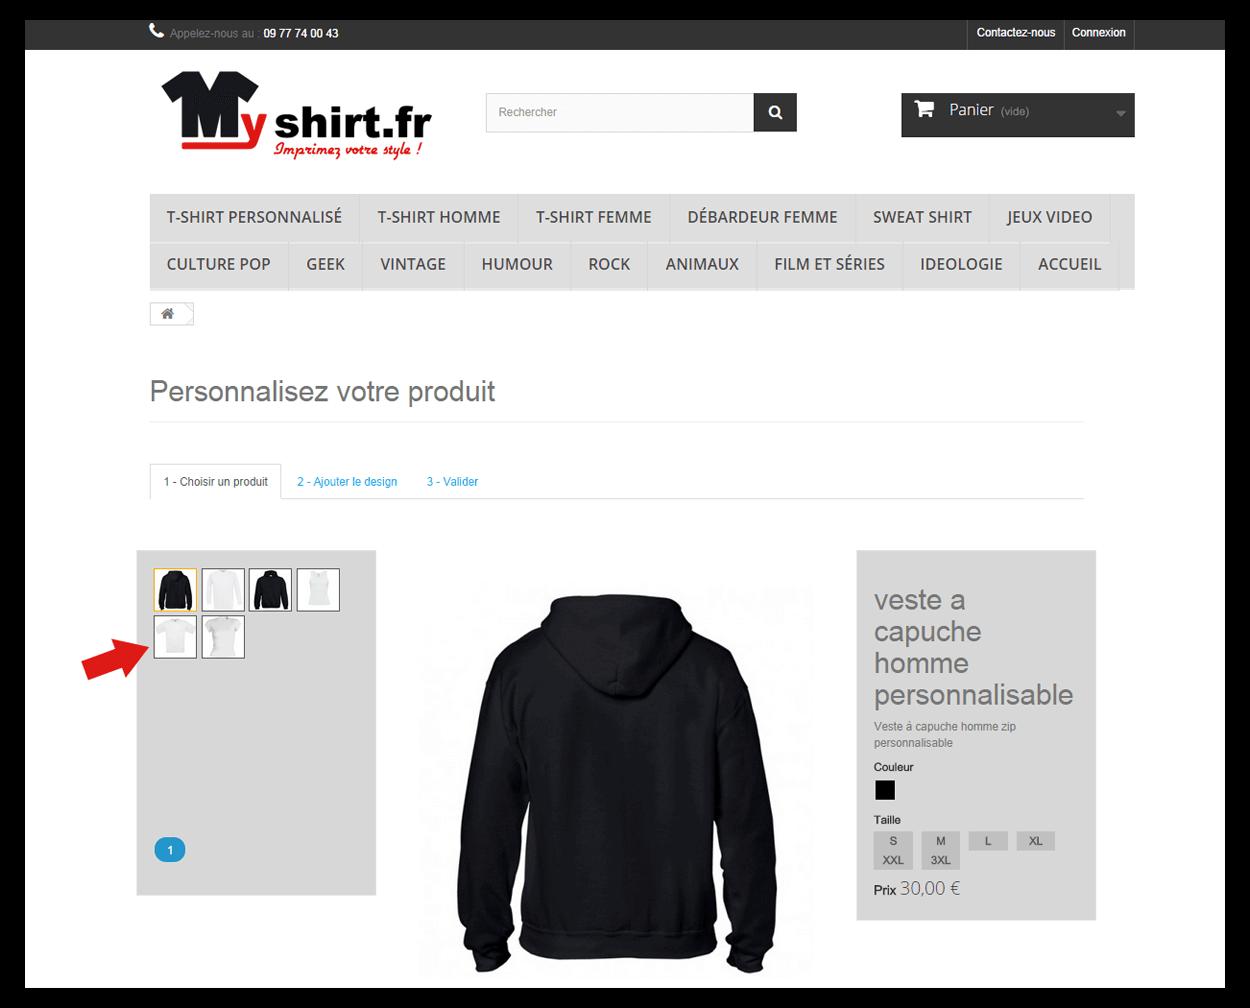 Personnalisez votre t-shirt, sweat, débardeur, avec myshirt.fr